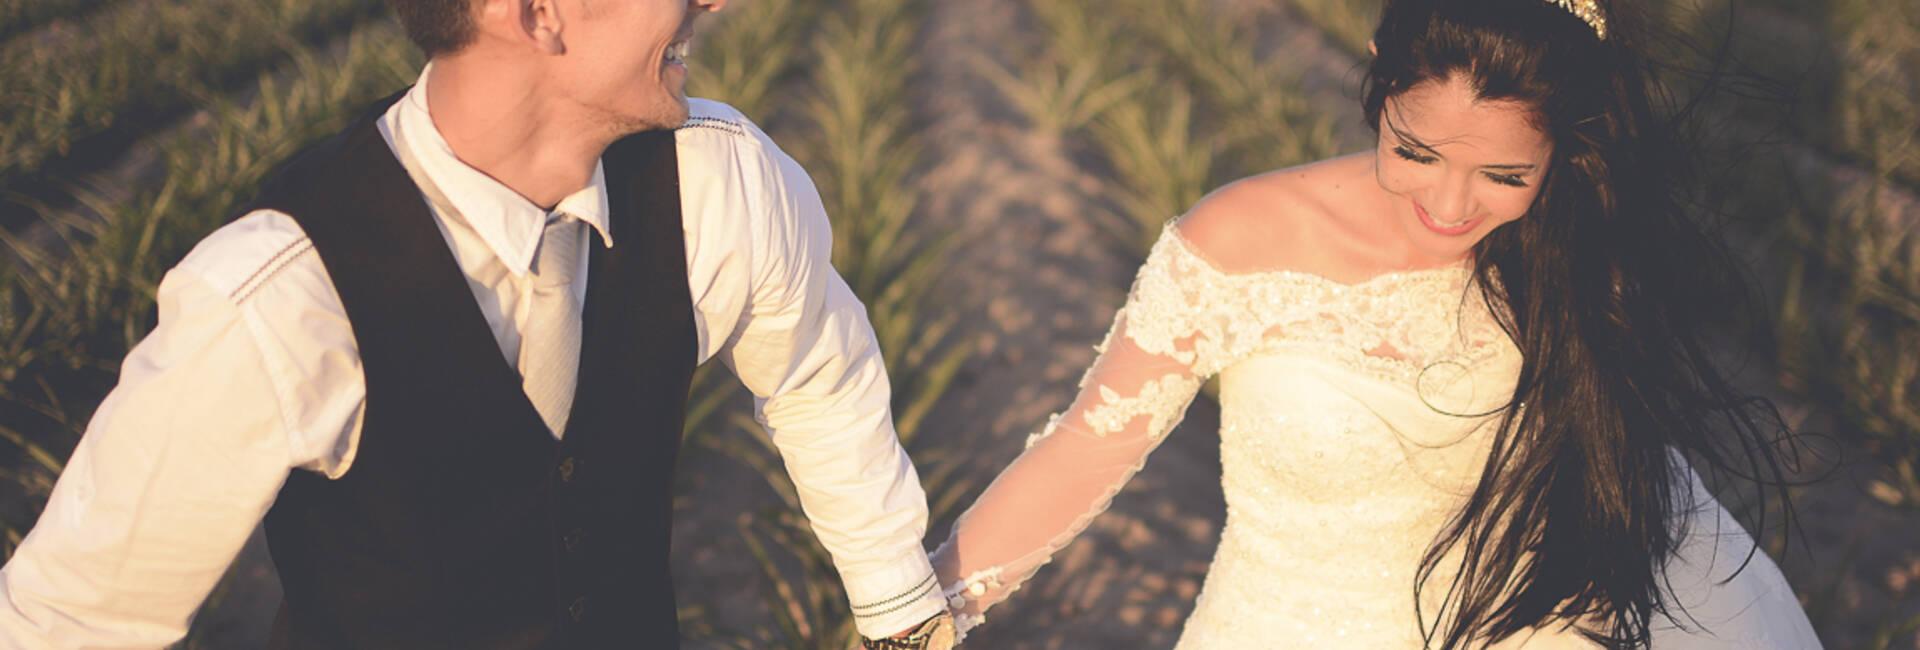 Pós Casamento de Roberta e Fabrício